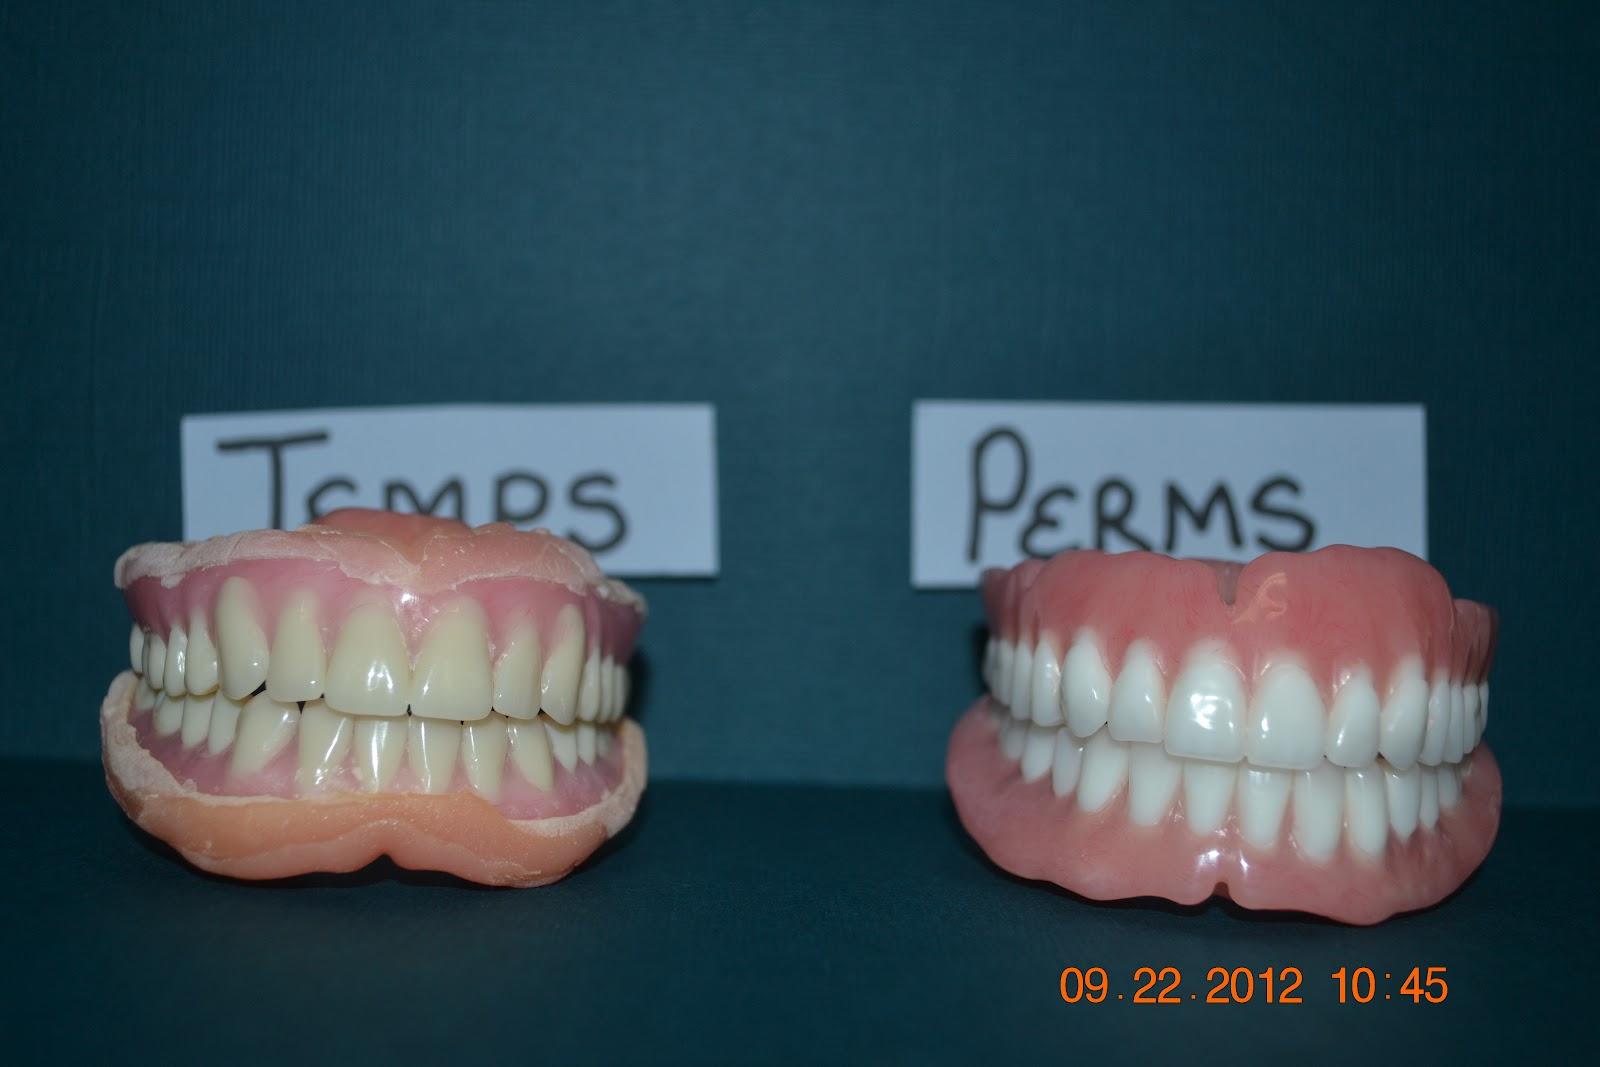 immediate dentures vs permanent dentures